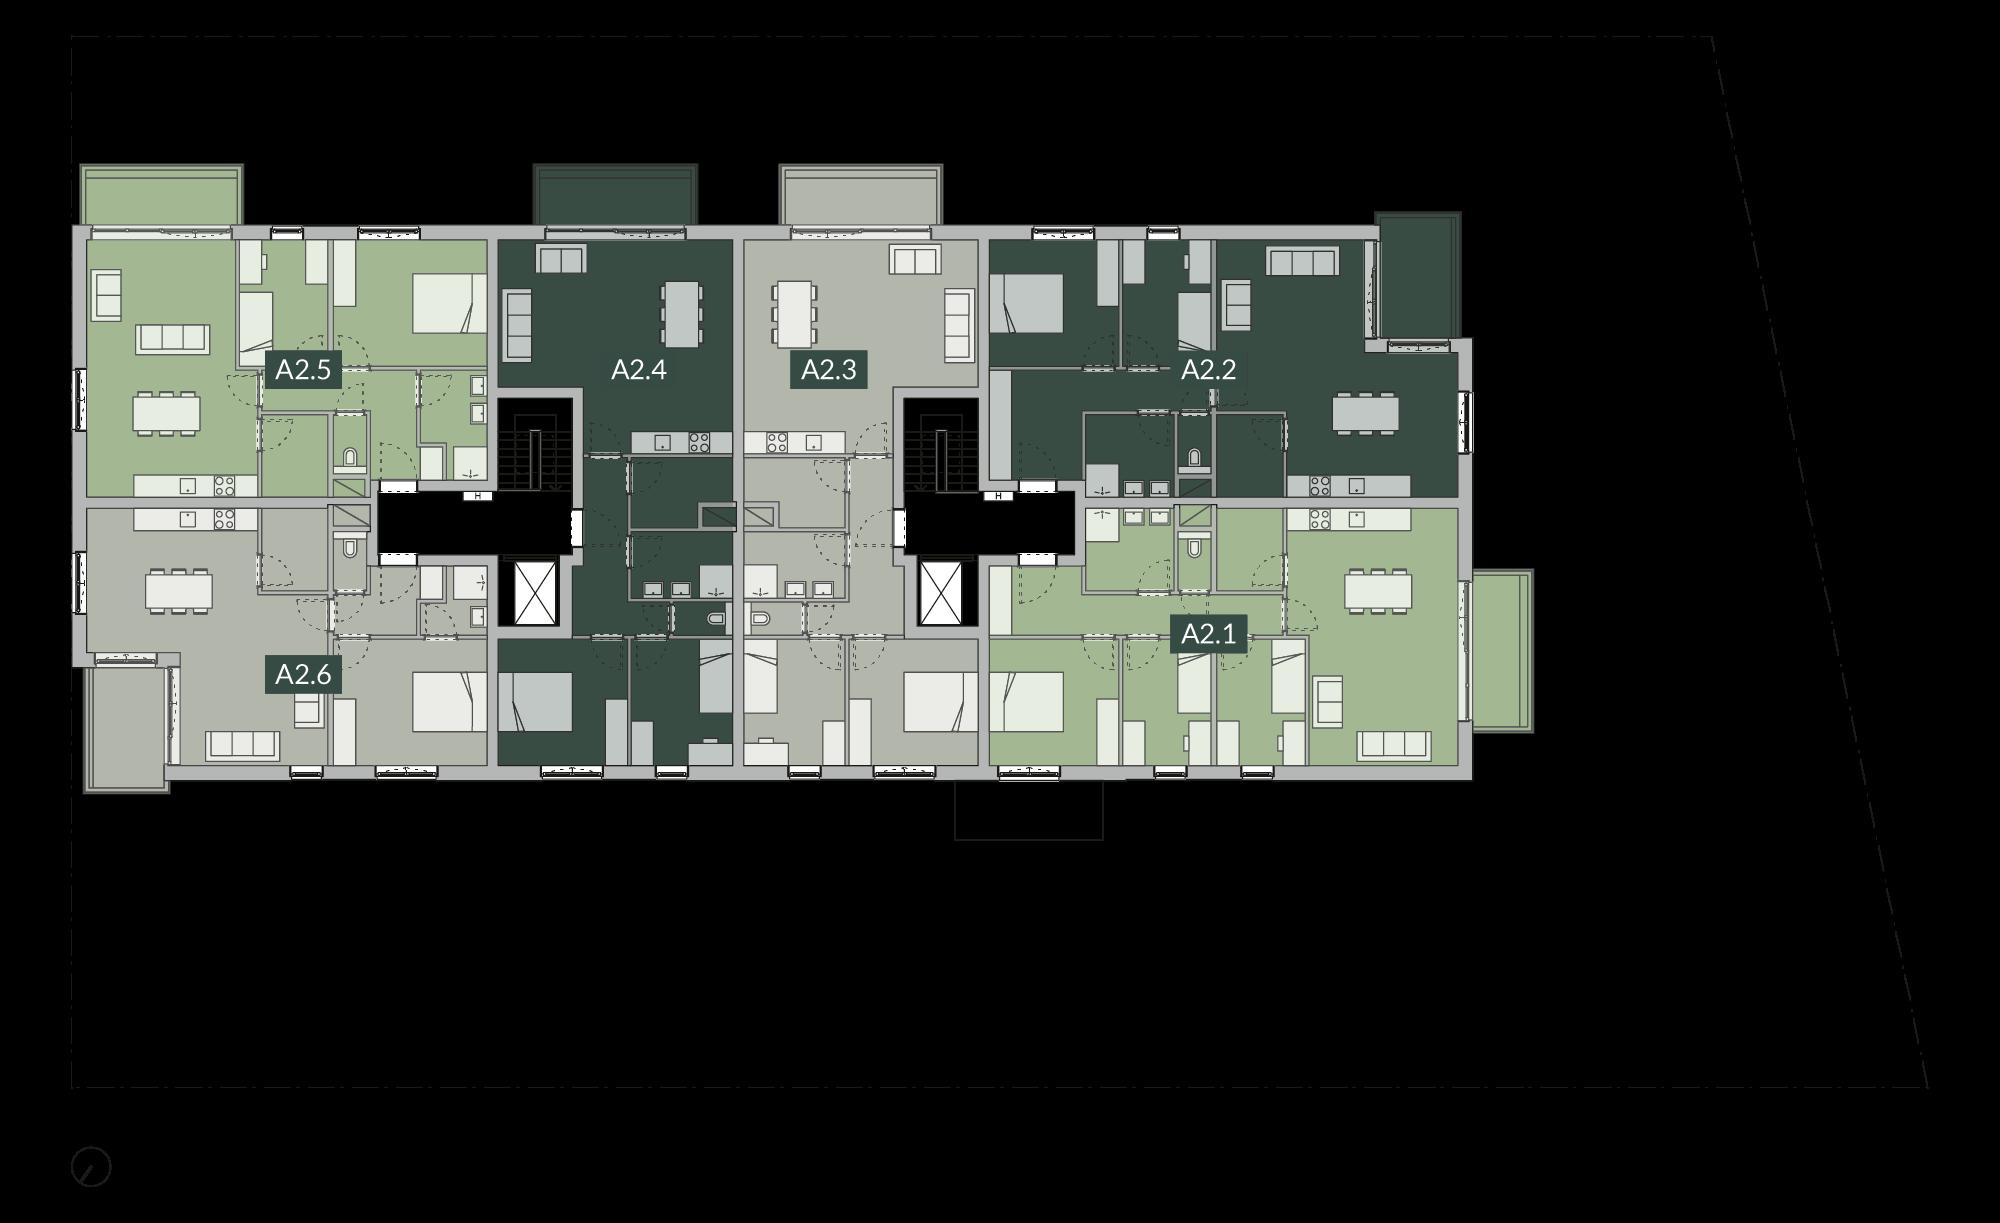 Verdiepingsplan Tweede verdiep